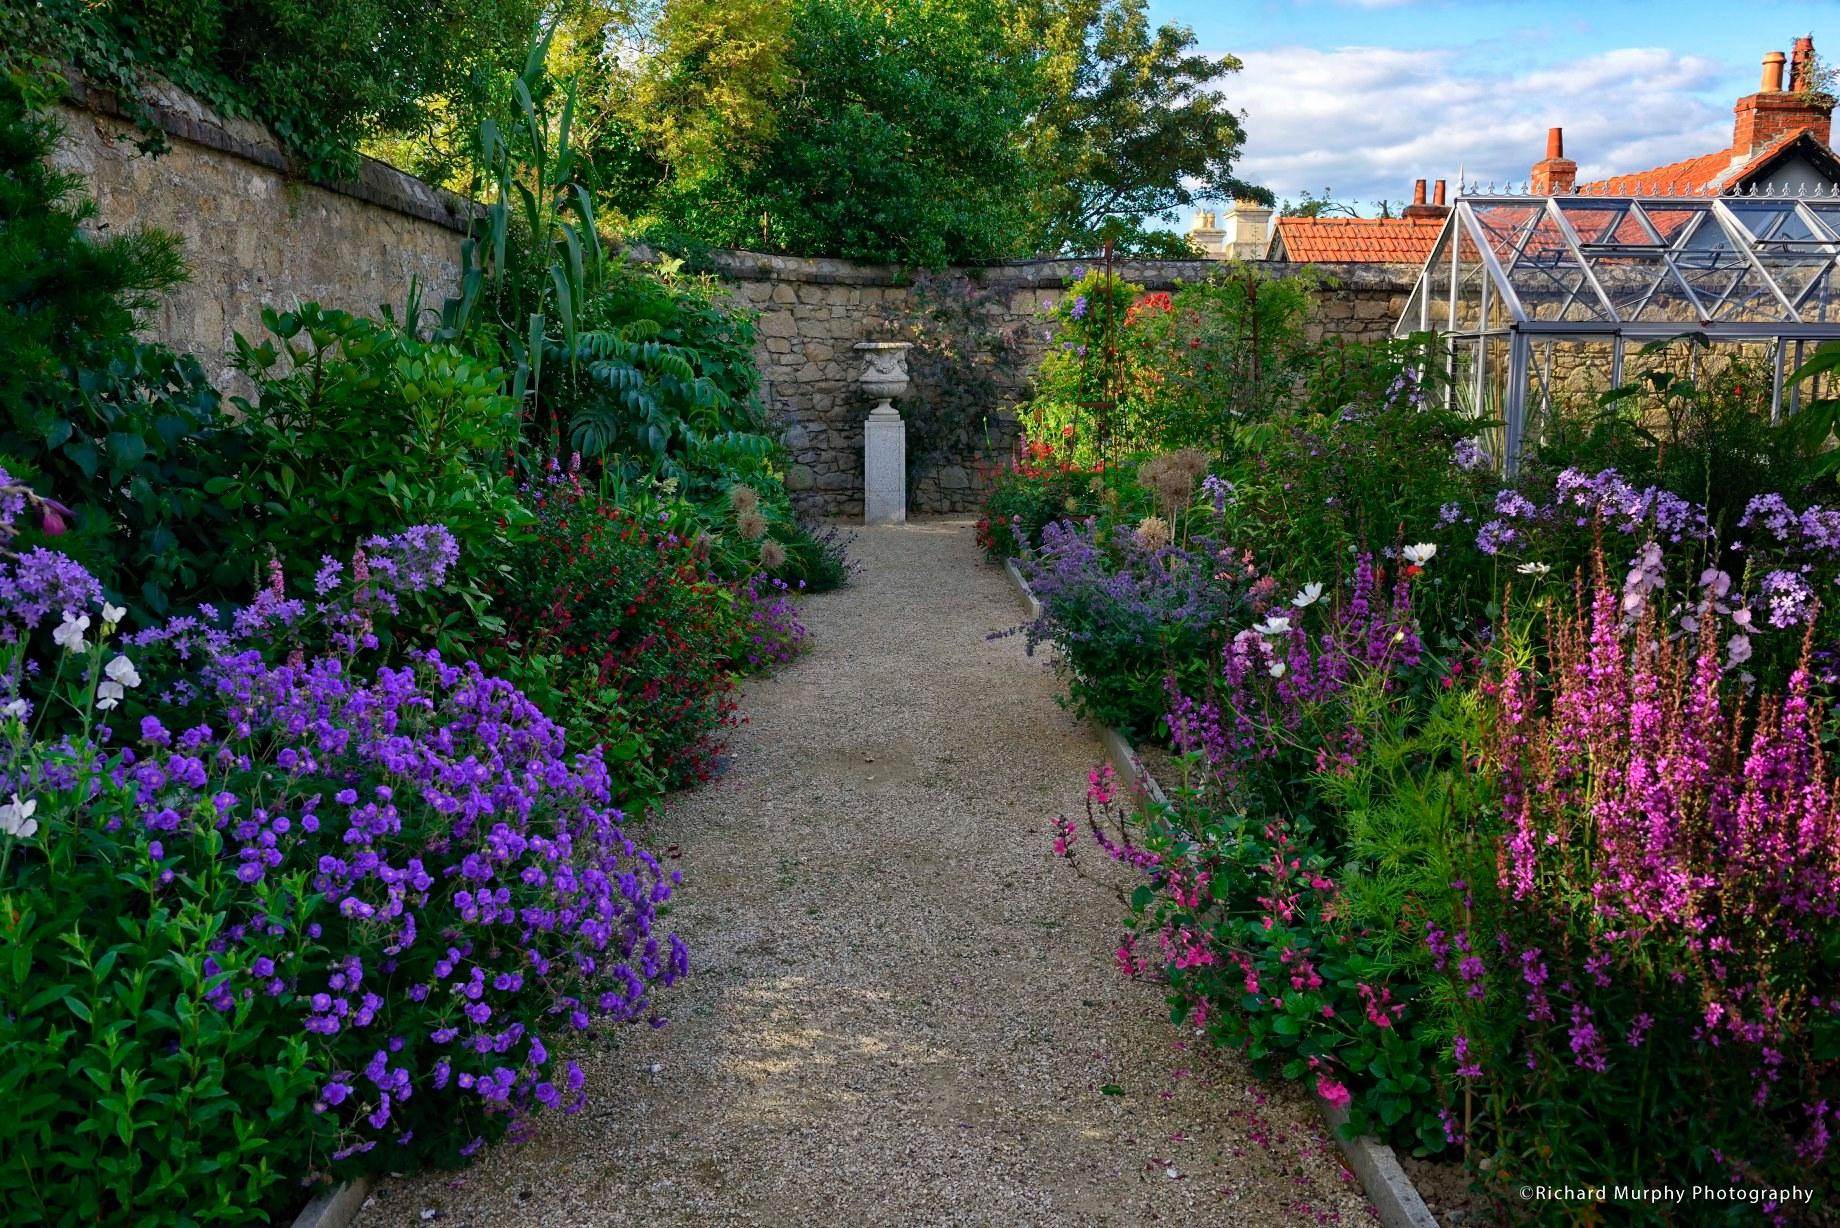 Helen Dillon na 44 jaar naar een kleinere maar perfecte tuin